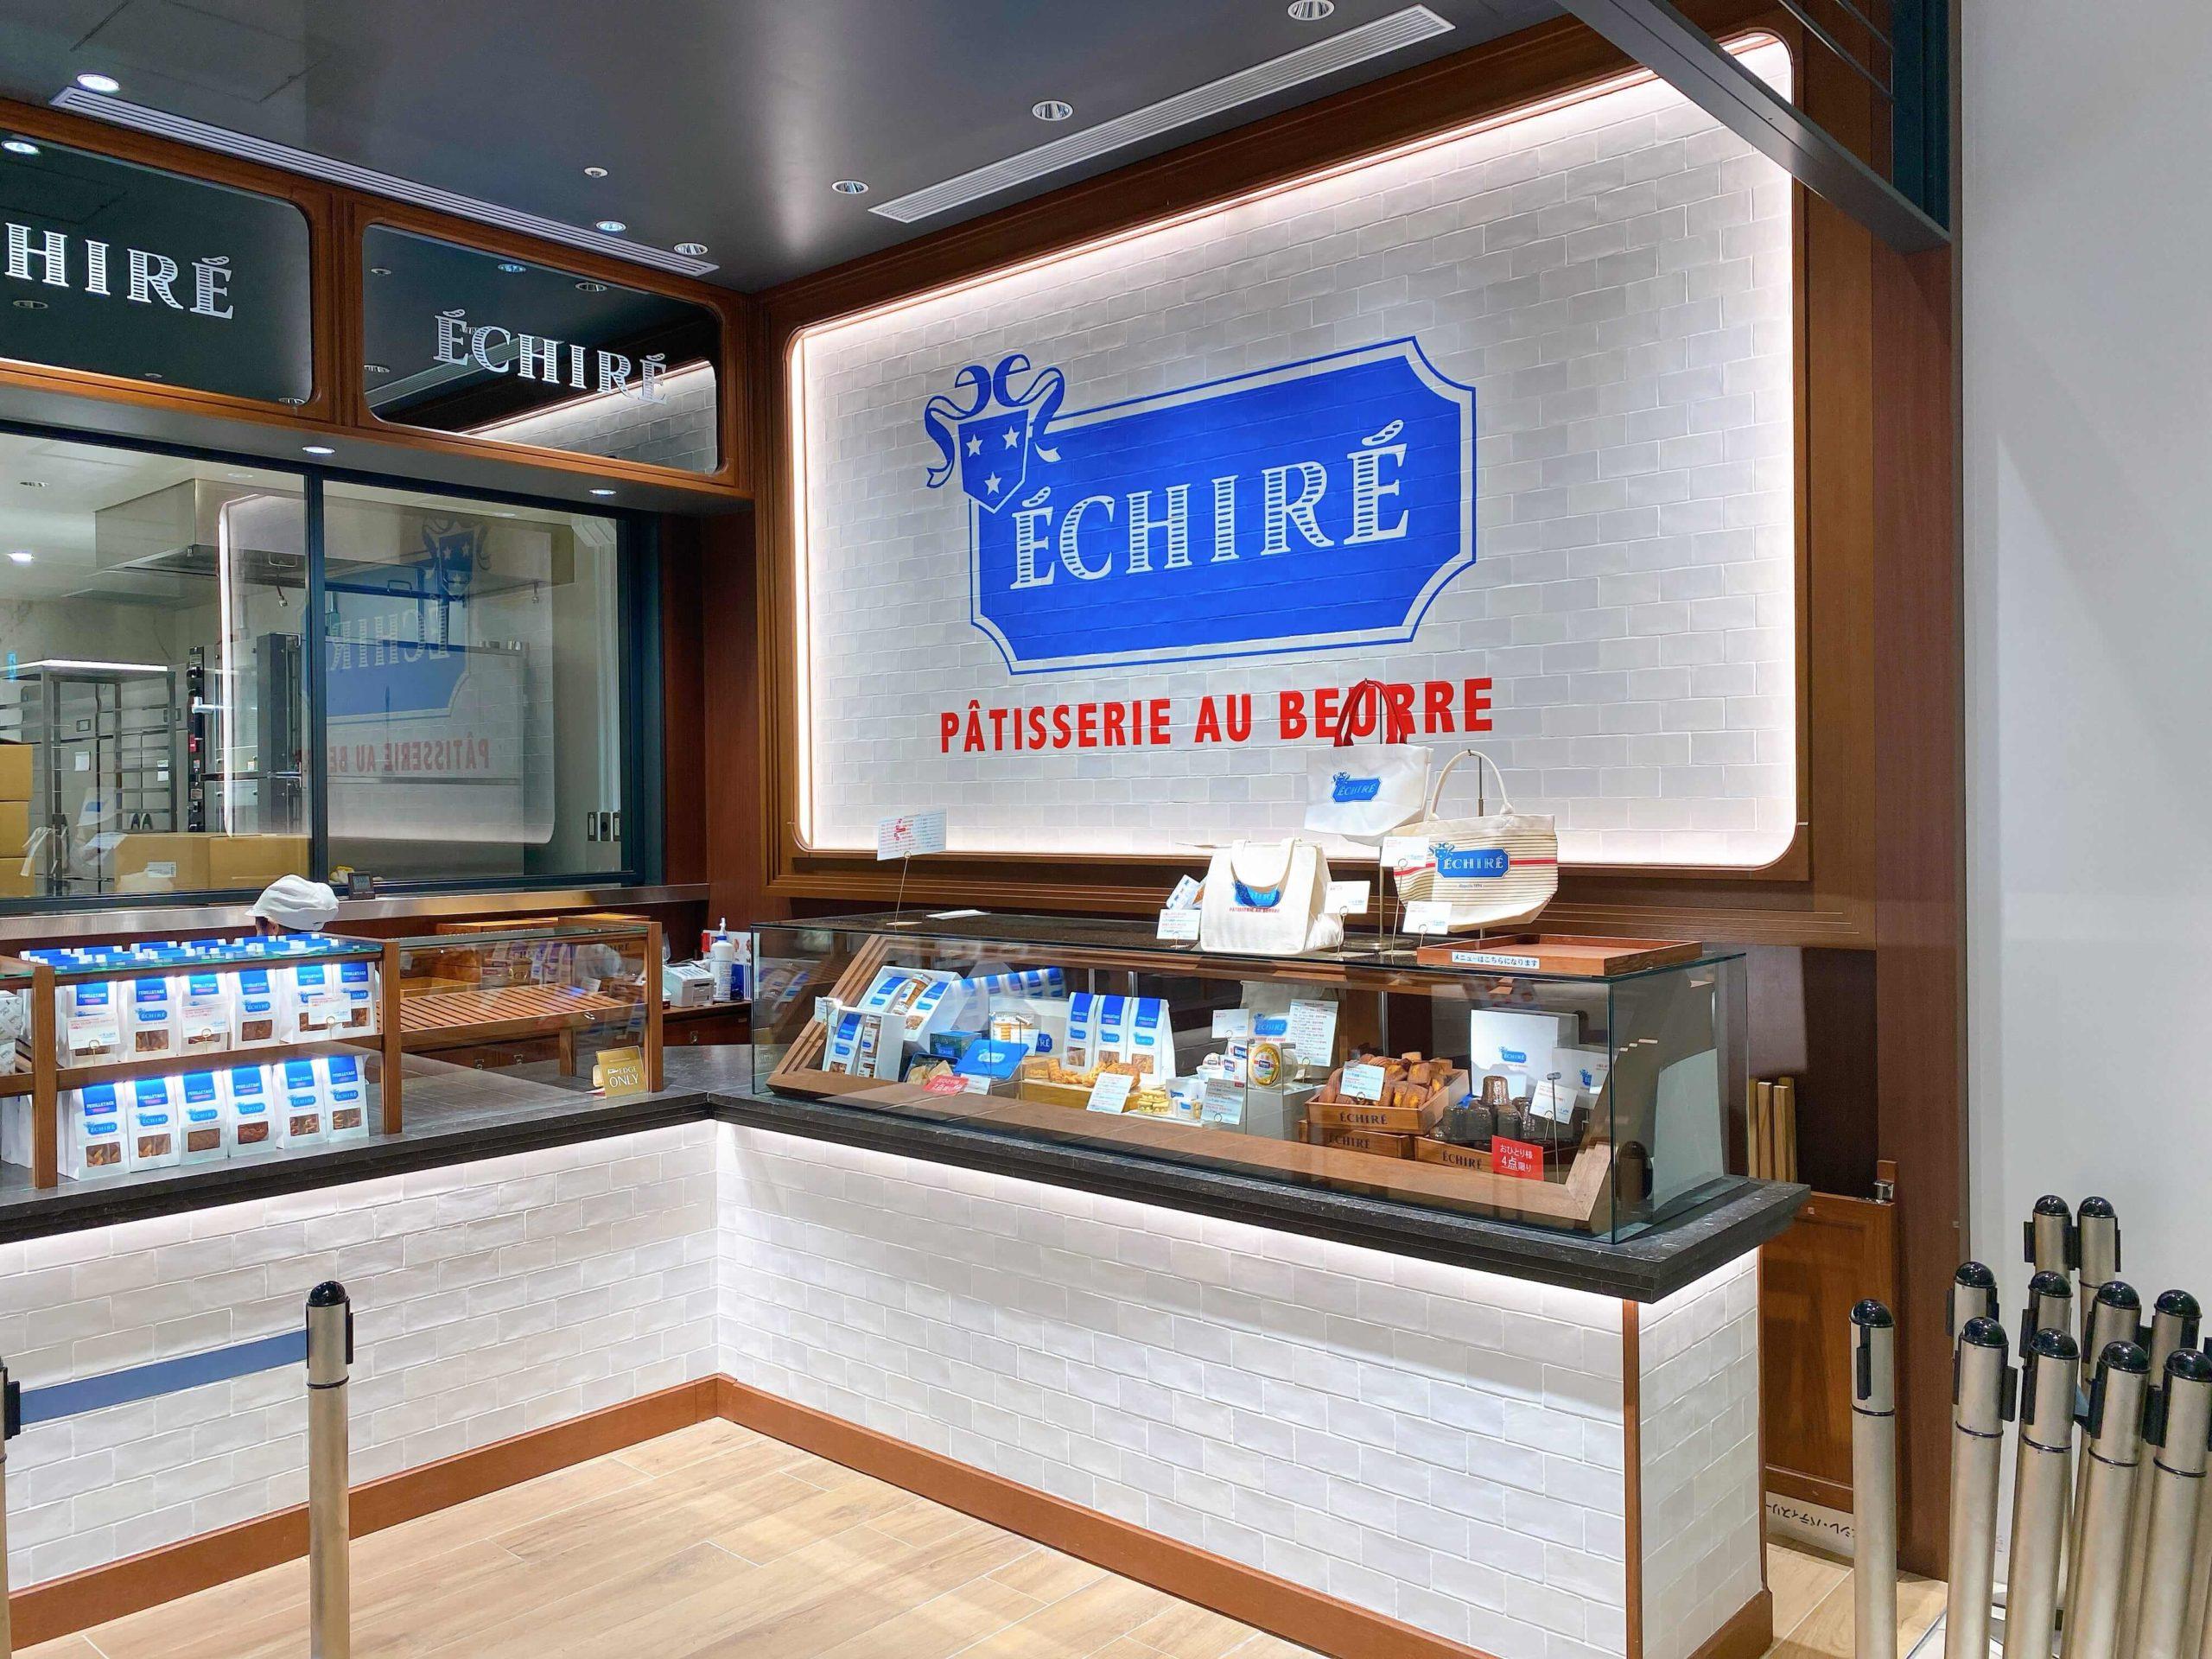 エシレバター専門店は渋谷スクランブルスクエアの1階